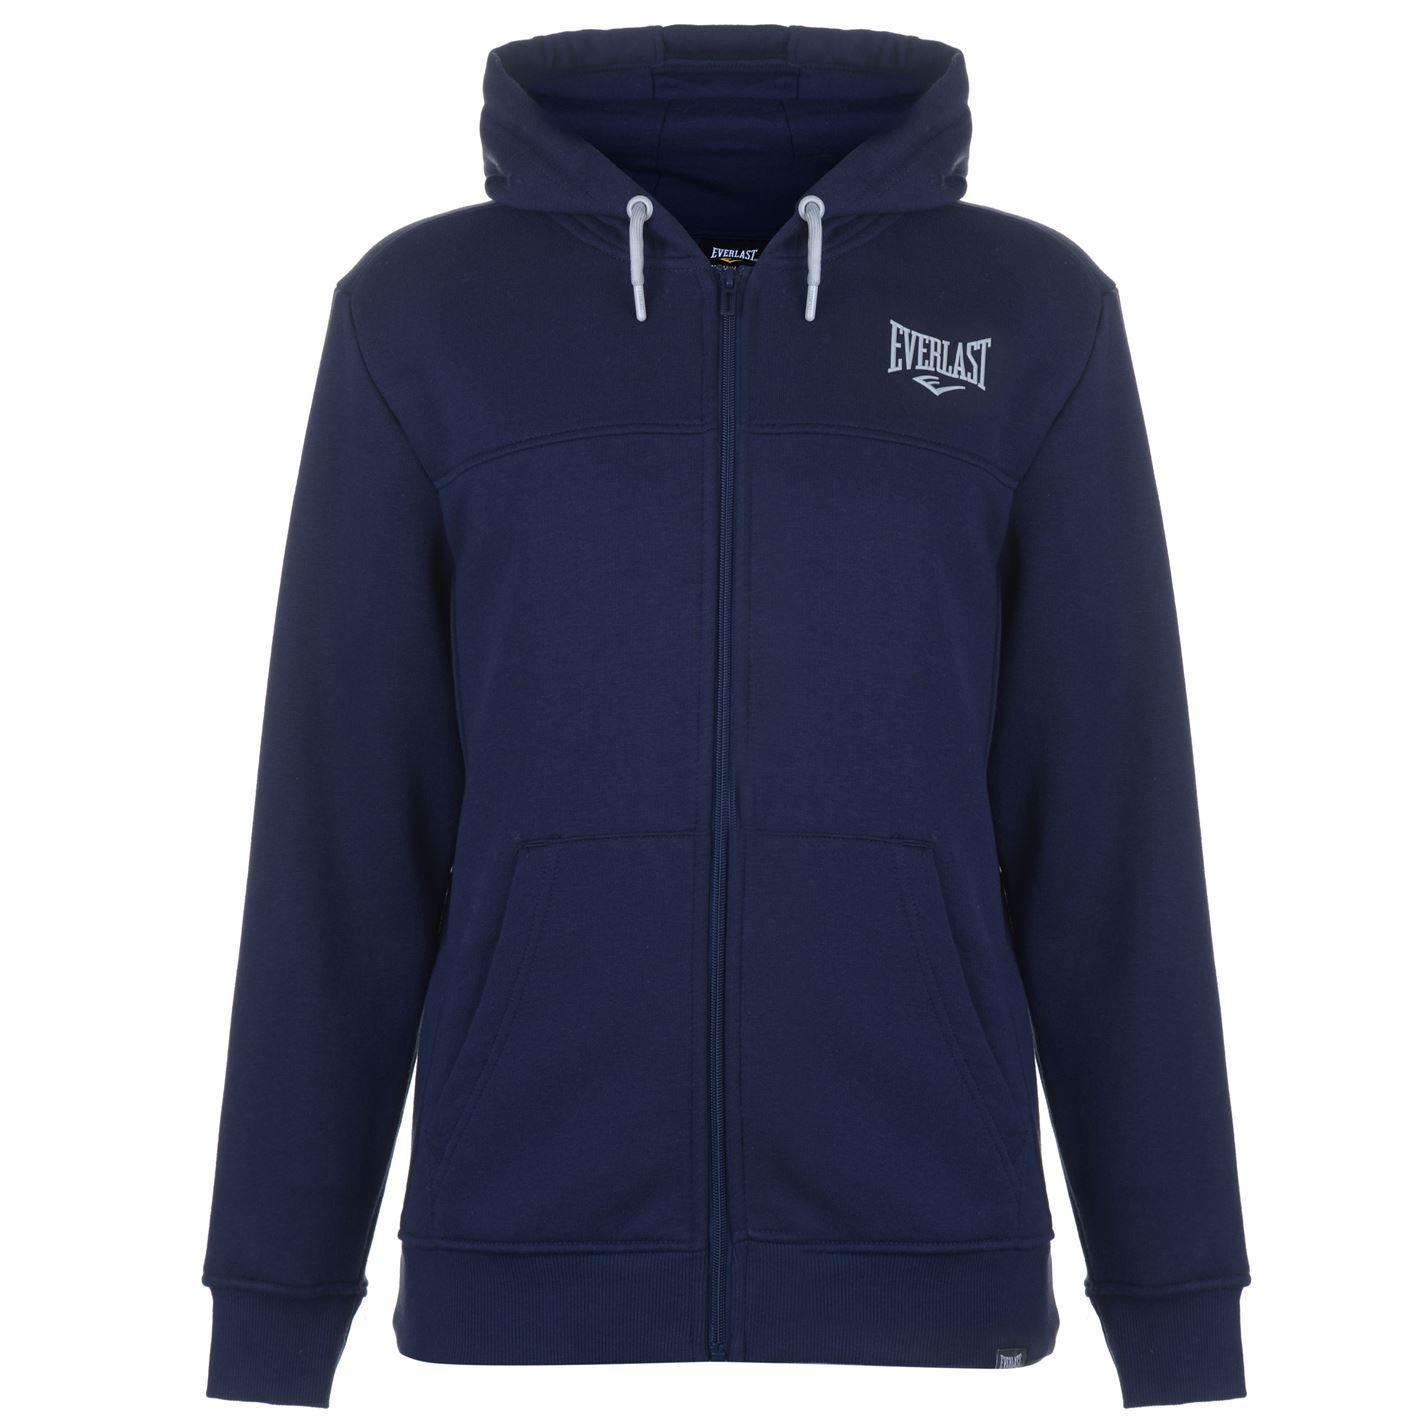 Everlast-Logo-Full-Zip-Hoody-Jacket-Mens-Hoodie-Sweatshirt-Sweater-Hooded-Top thumbnail 12